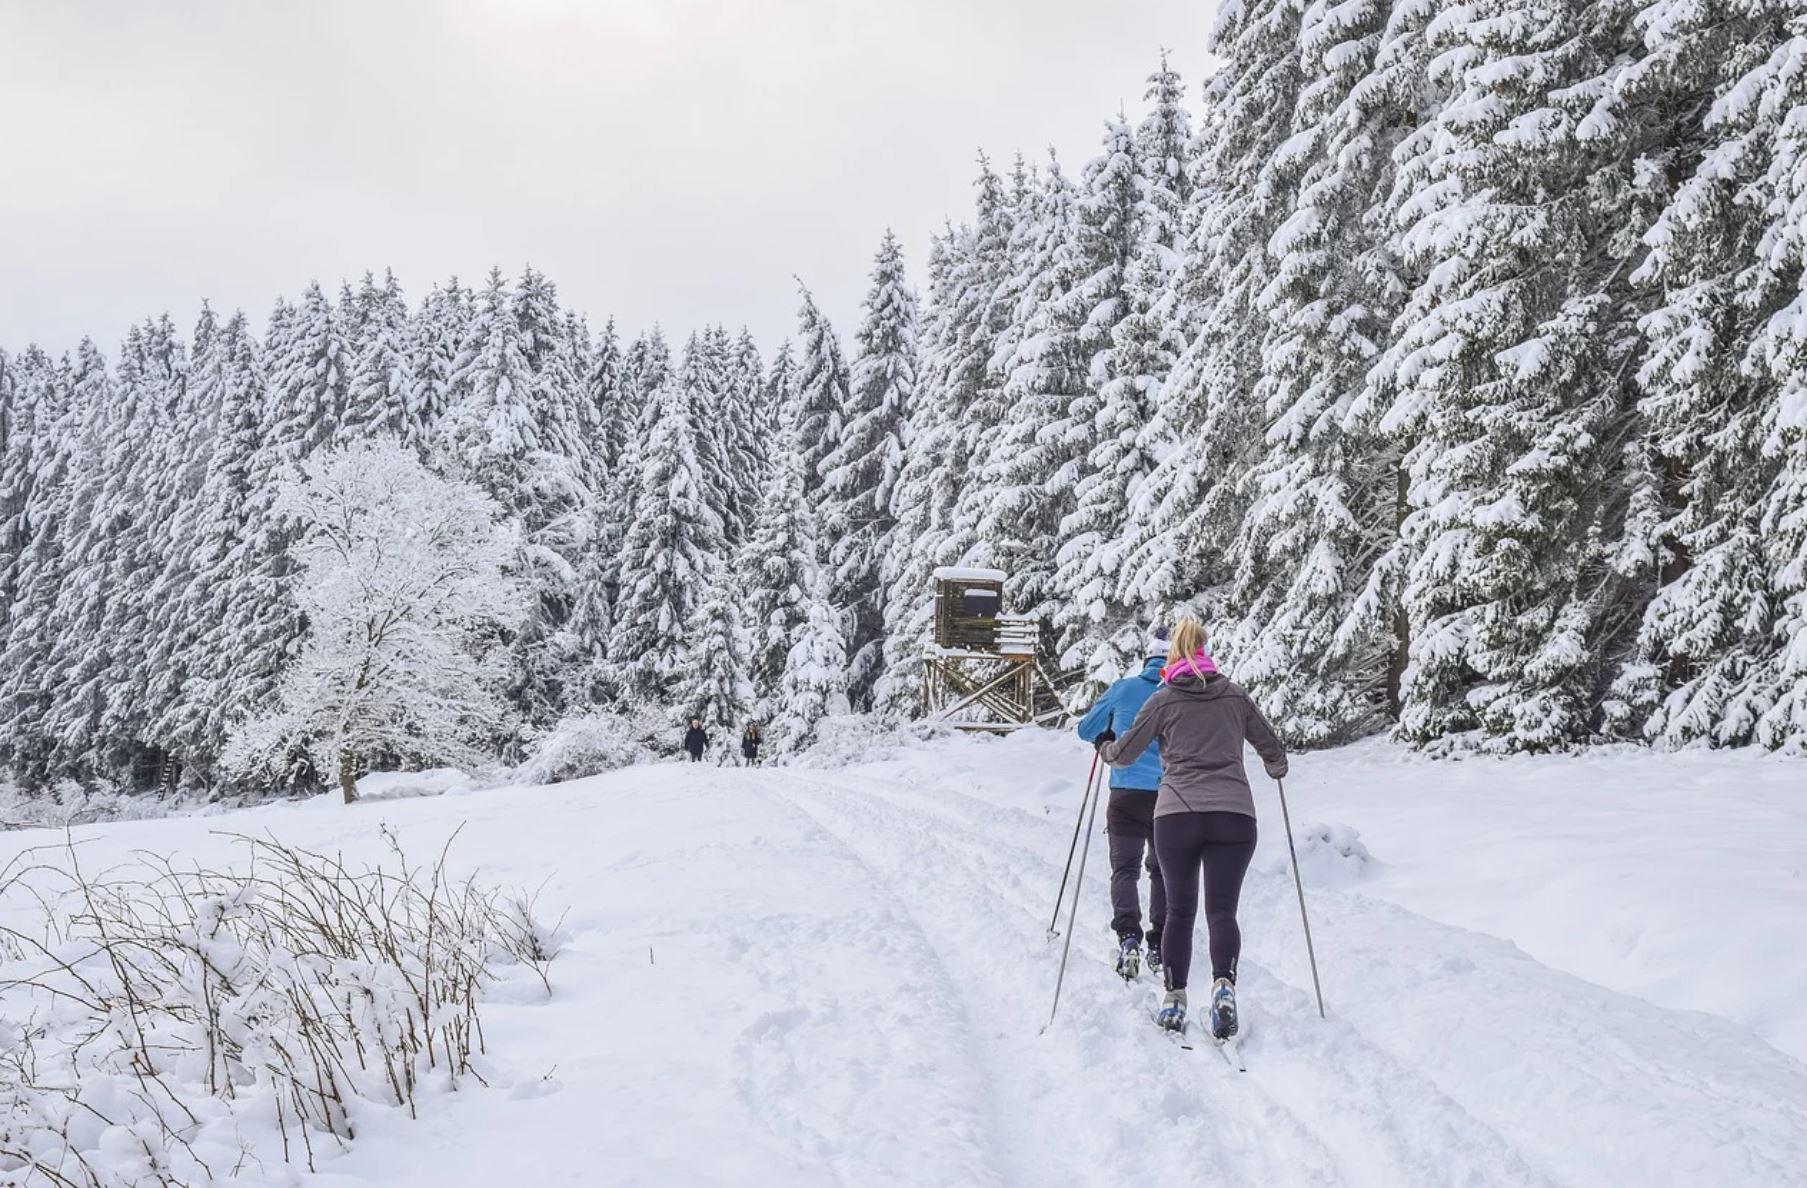 Kaksi hiihtäjää lumisessa maisemassa kuusimetsän reunalla